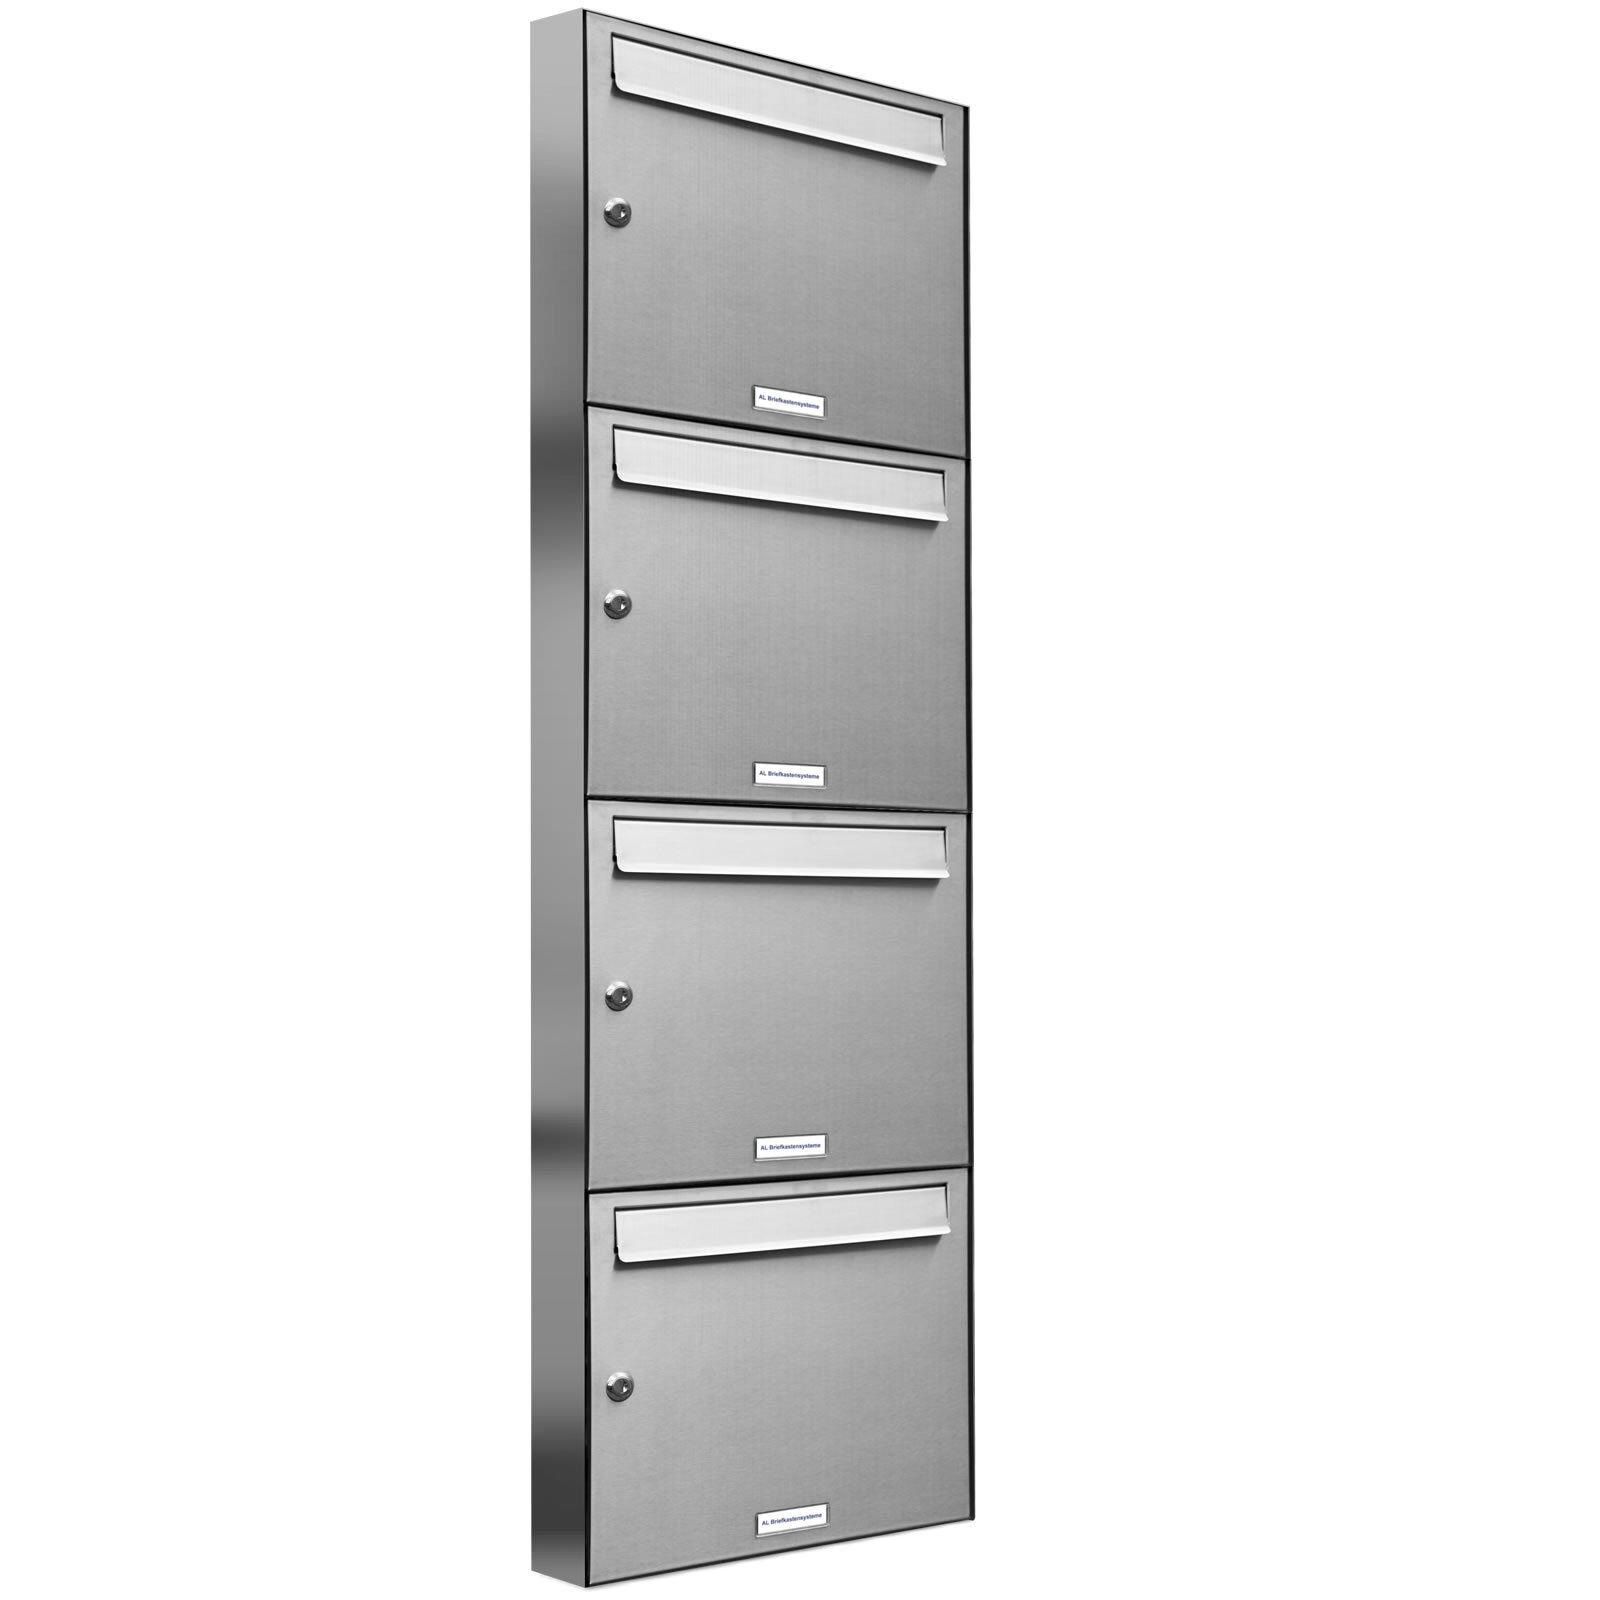 4er Premium V2A Edelstahl Briefkasten Anlage 4 Fach A4 Wandmontage A4 Postkasten